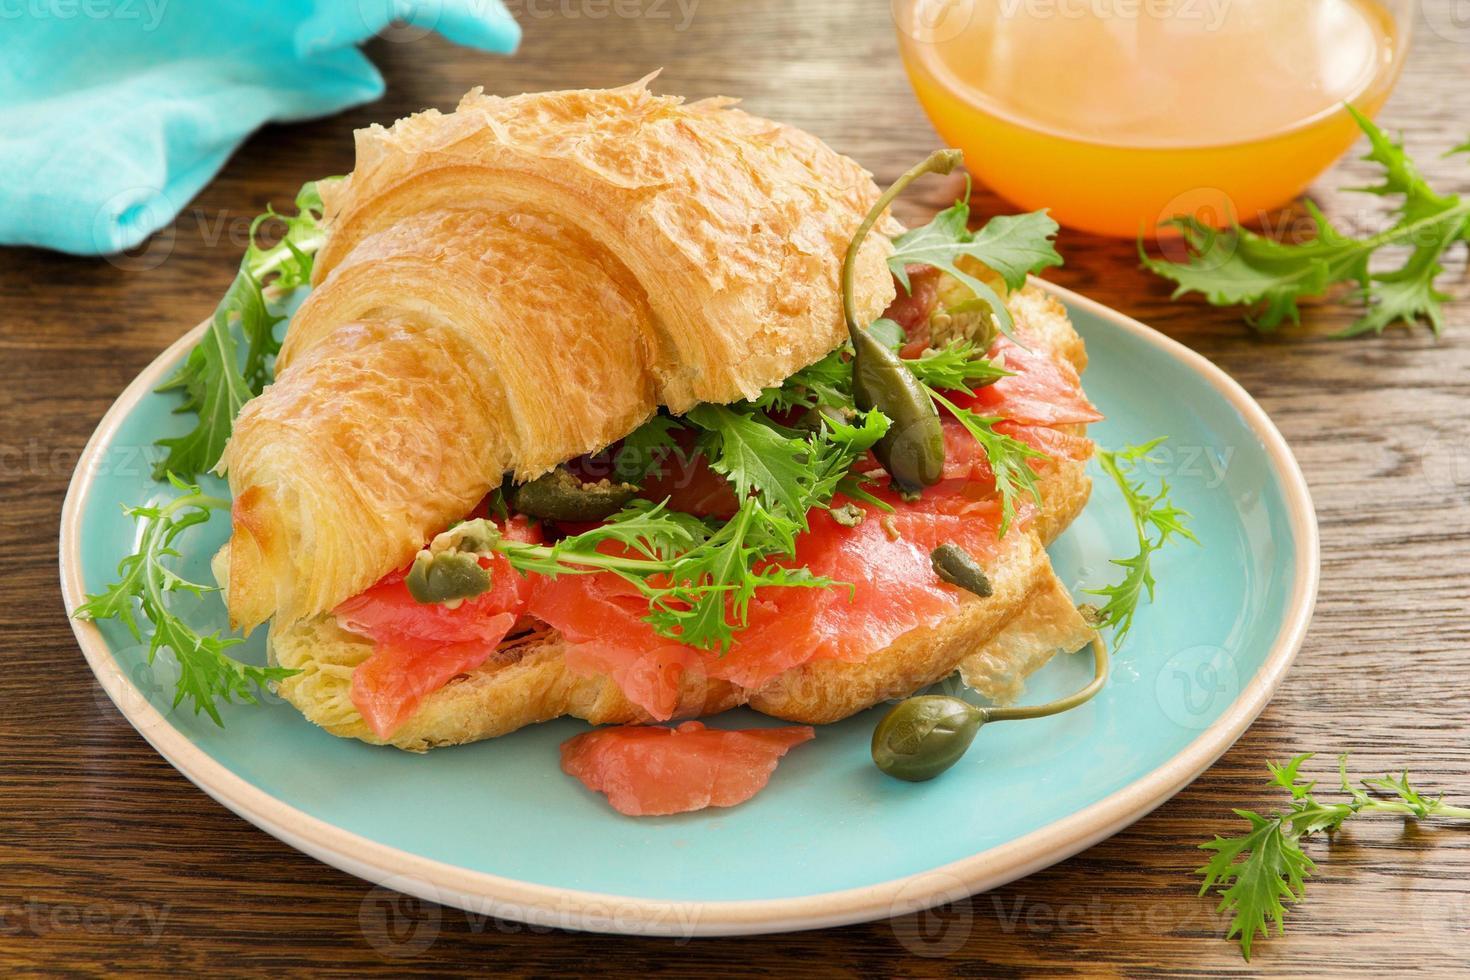 croissant com salmão e alcaparras. foto